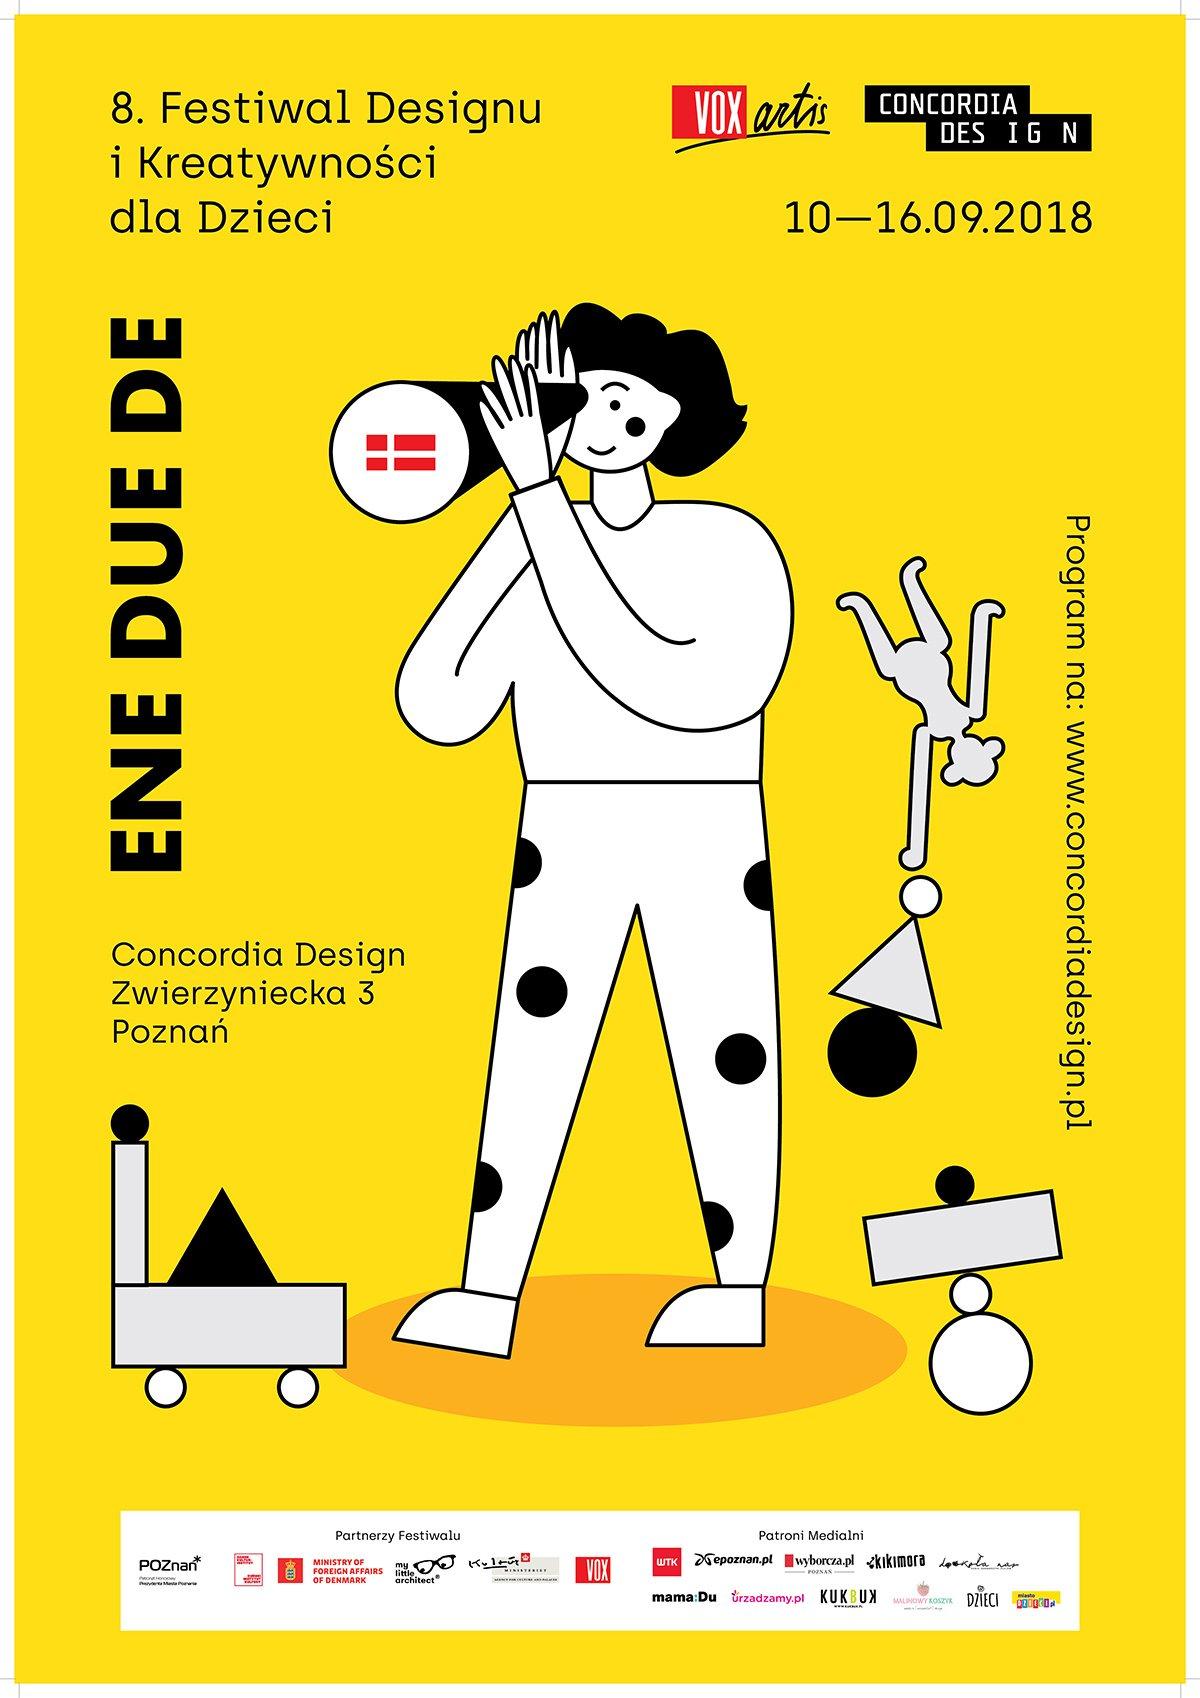 8 edycja Festiwalu Designu Ene Due De